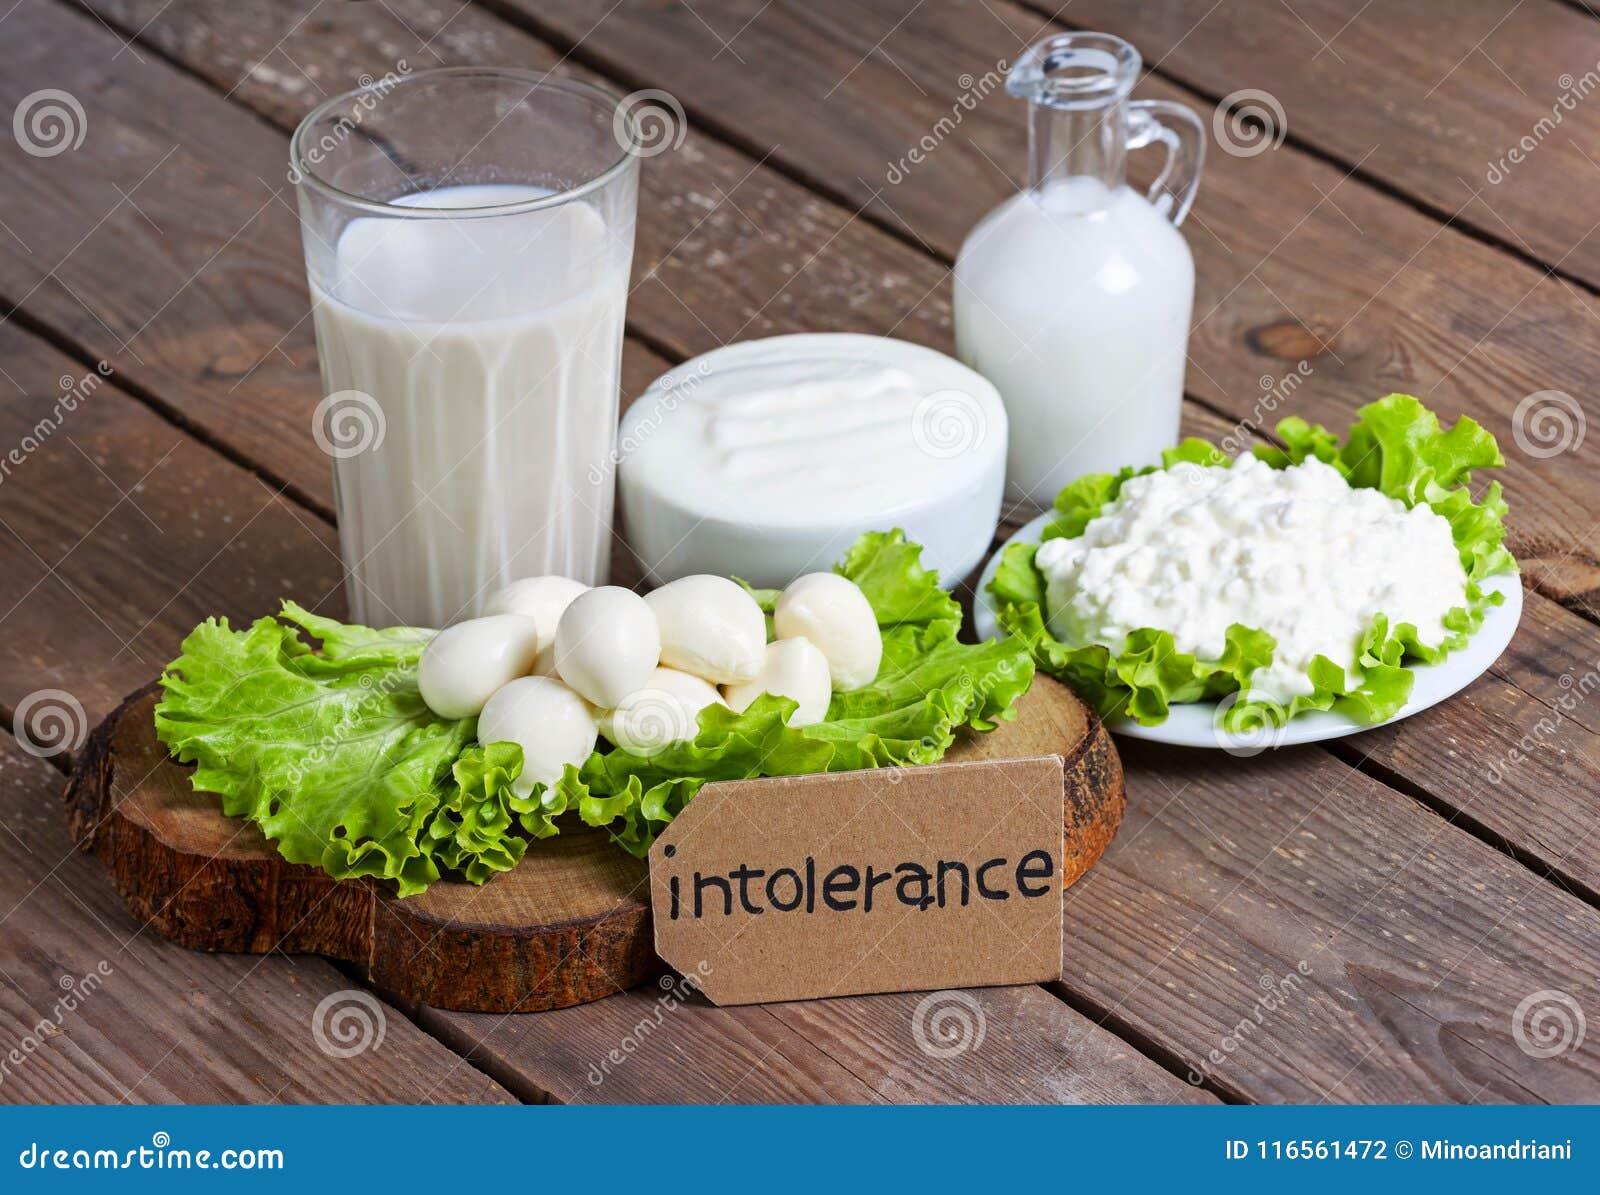 Intolleranza al lattosio con fondo di legno